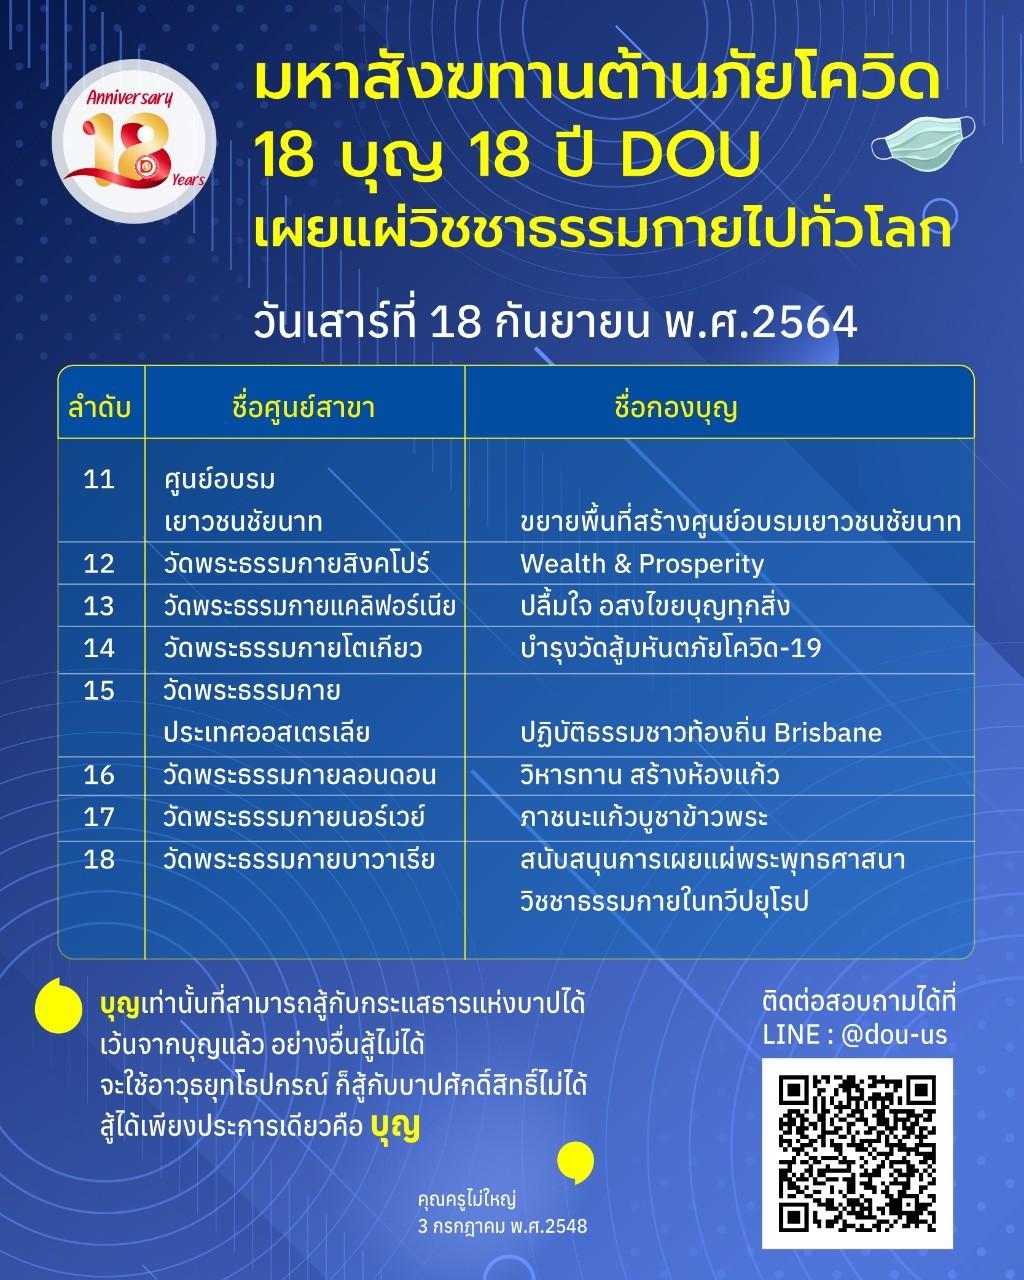 สื่อประชาสัมพันธ์ 18 ปี DOU_210716_16